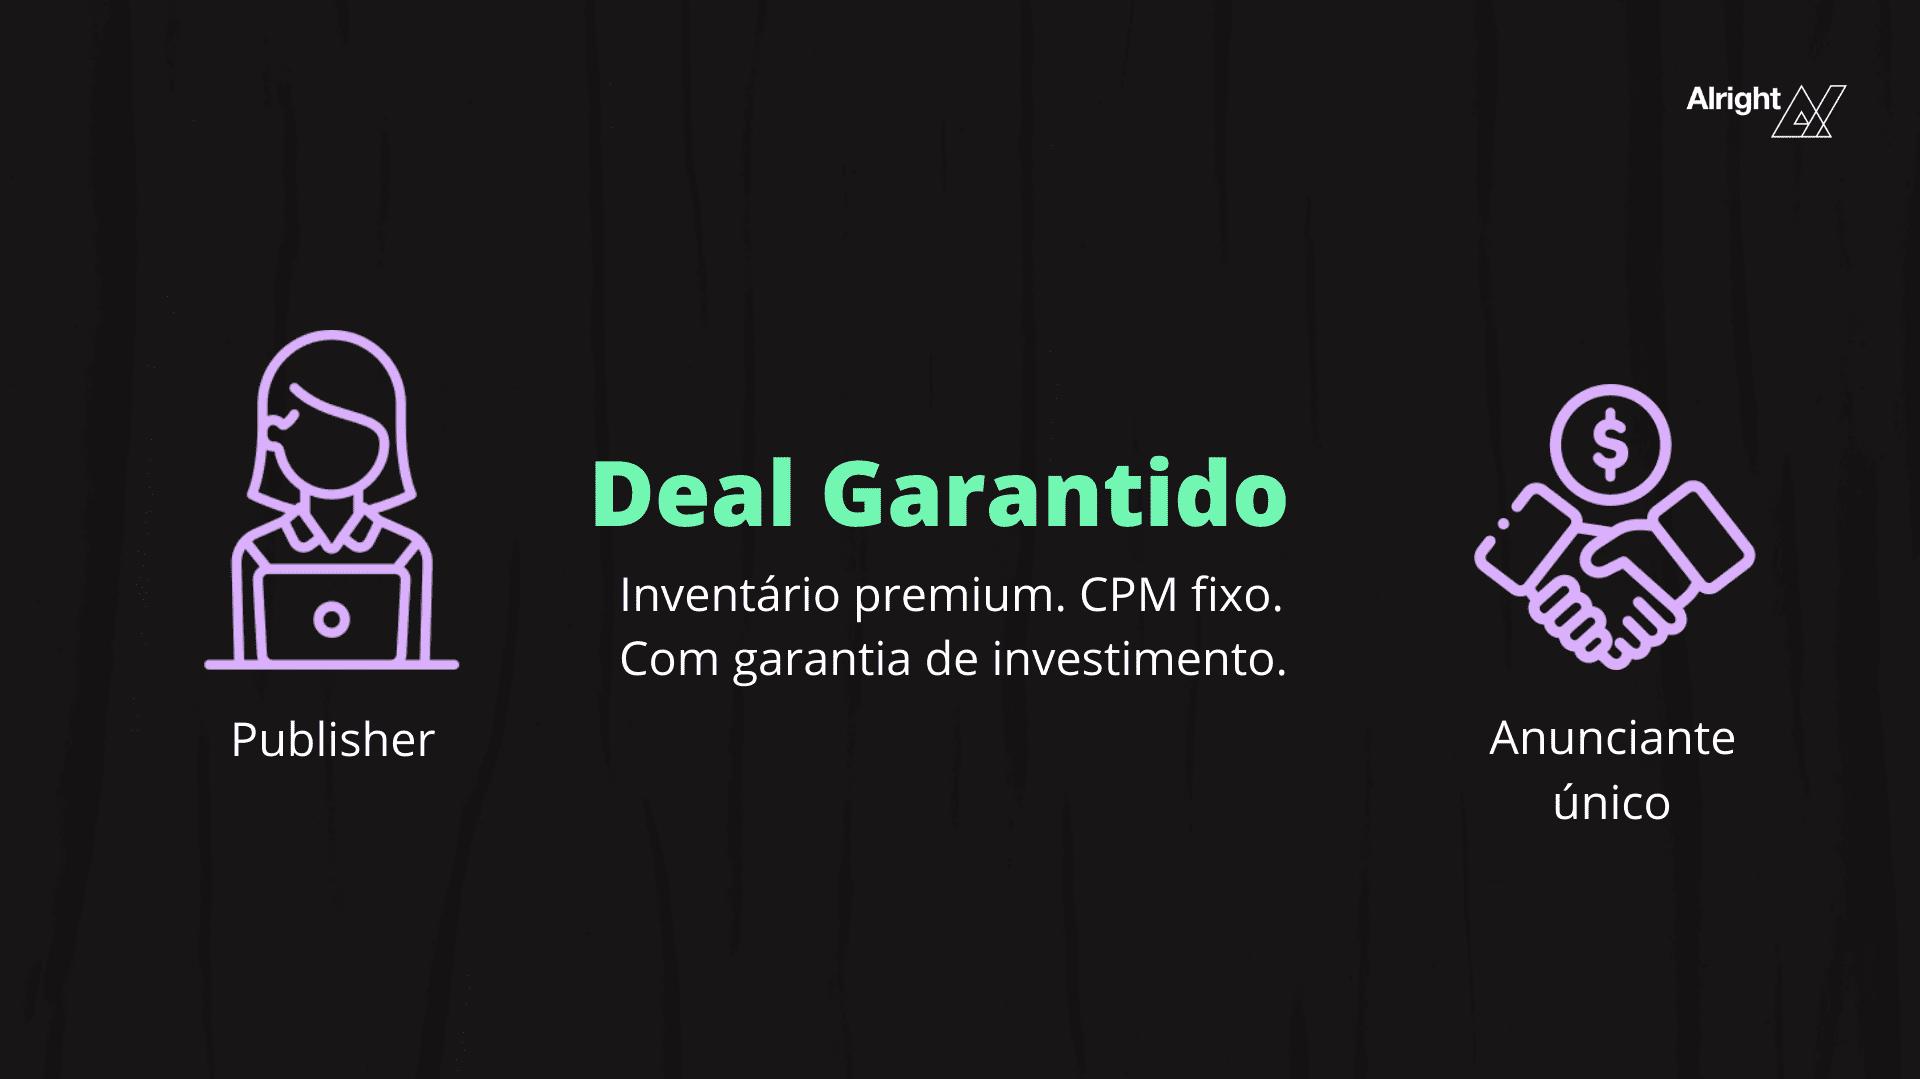 Deal garantido deal programático